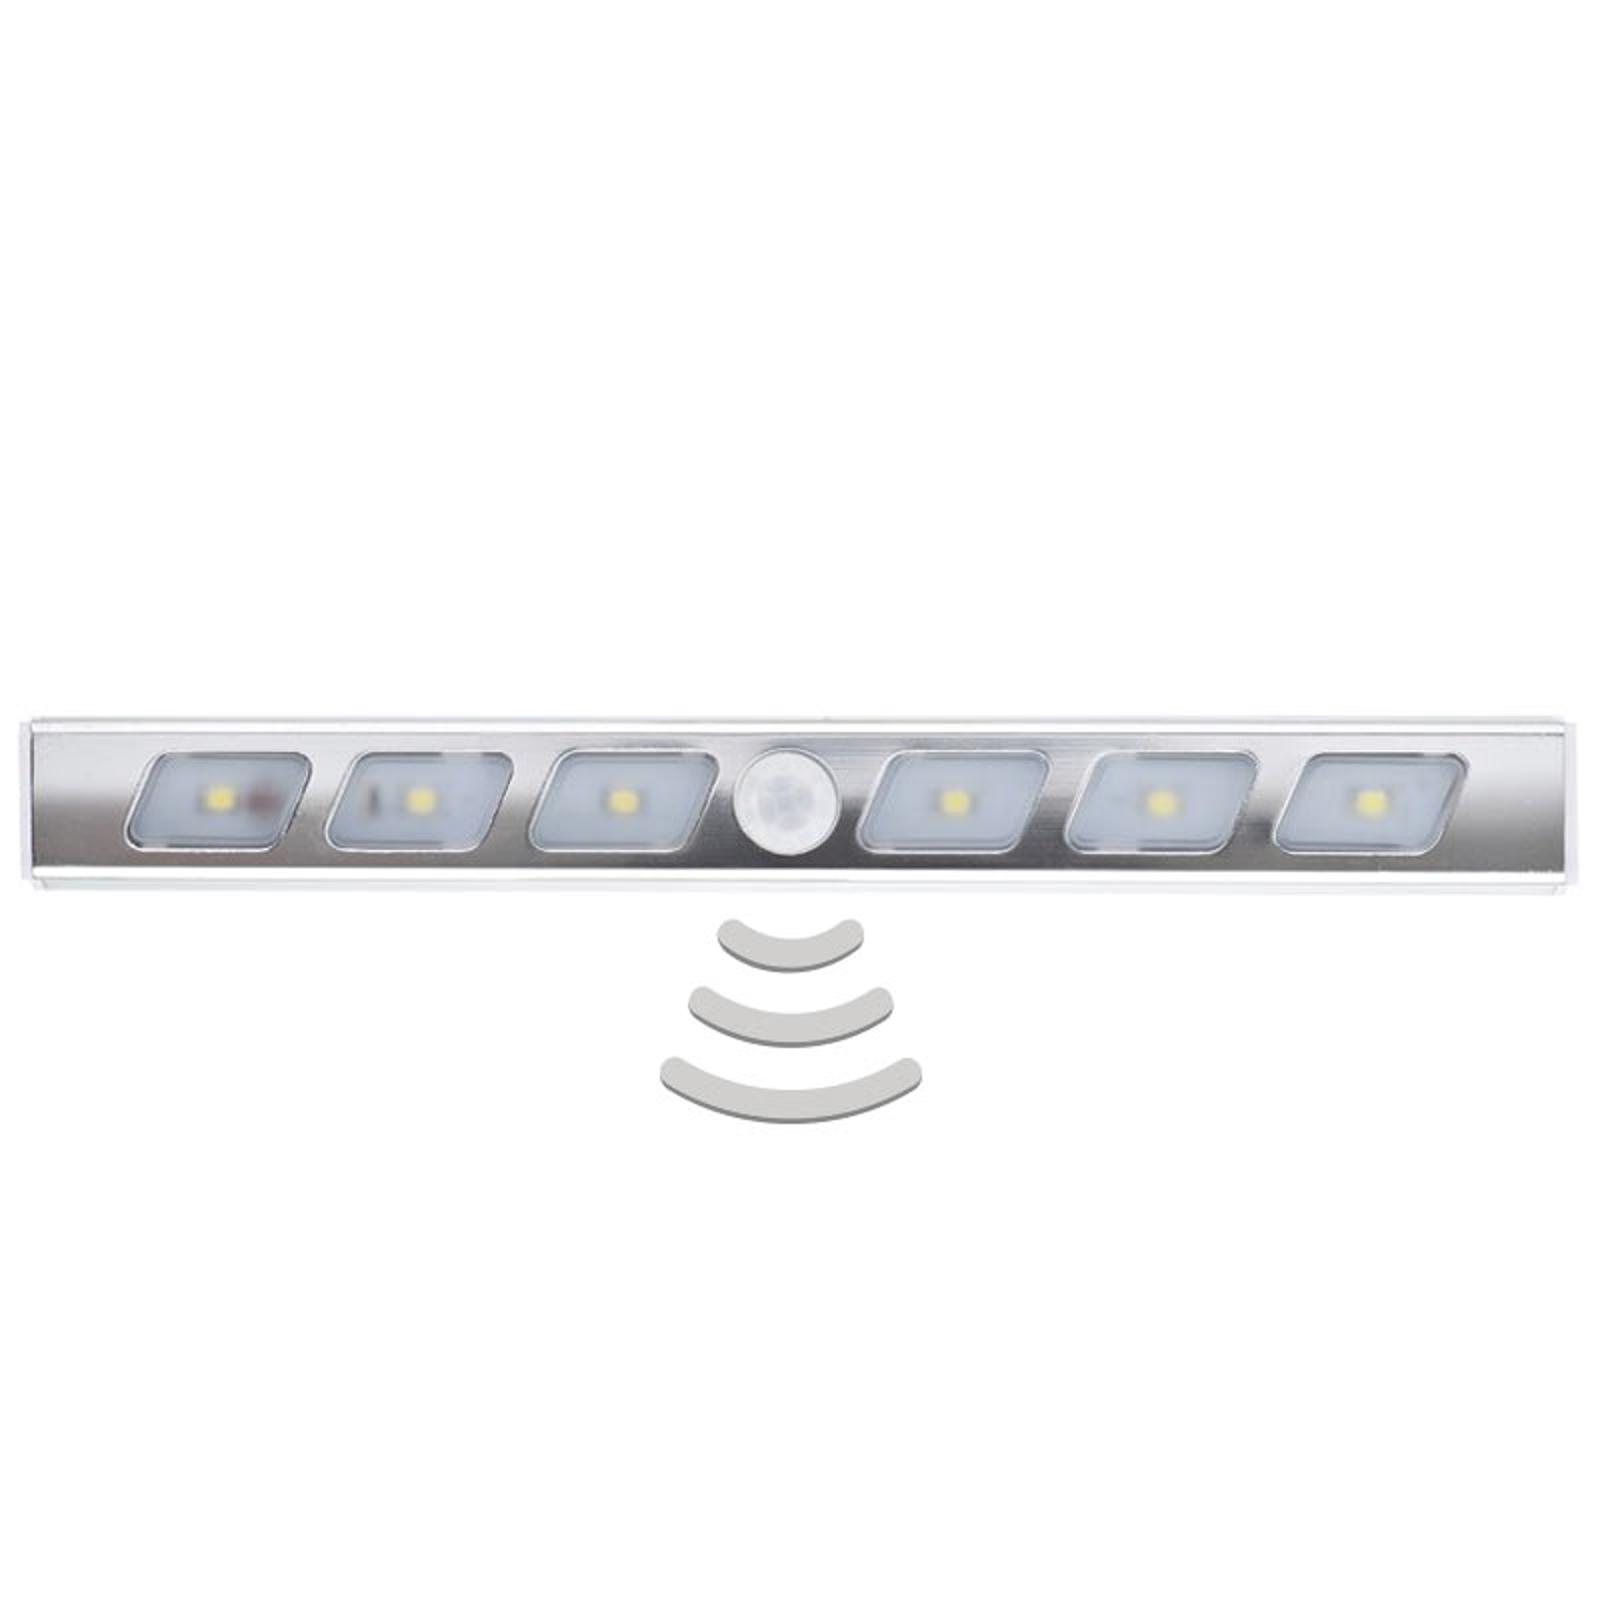 Lightstick - Möbelanbauleuchte mit Sensor